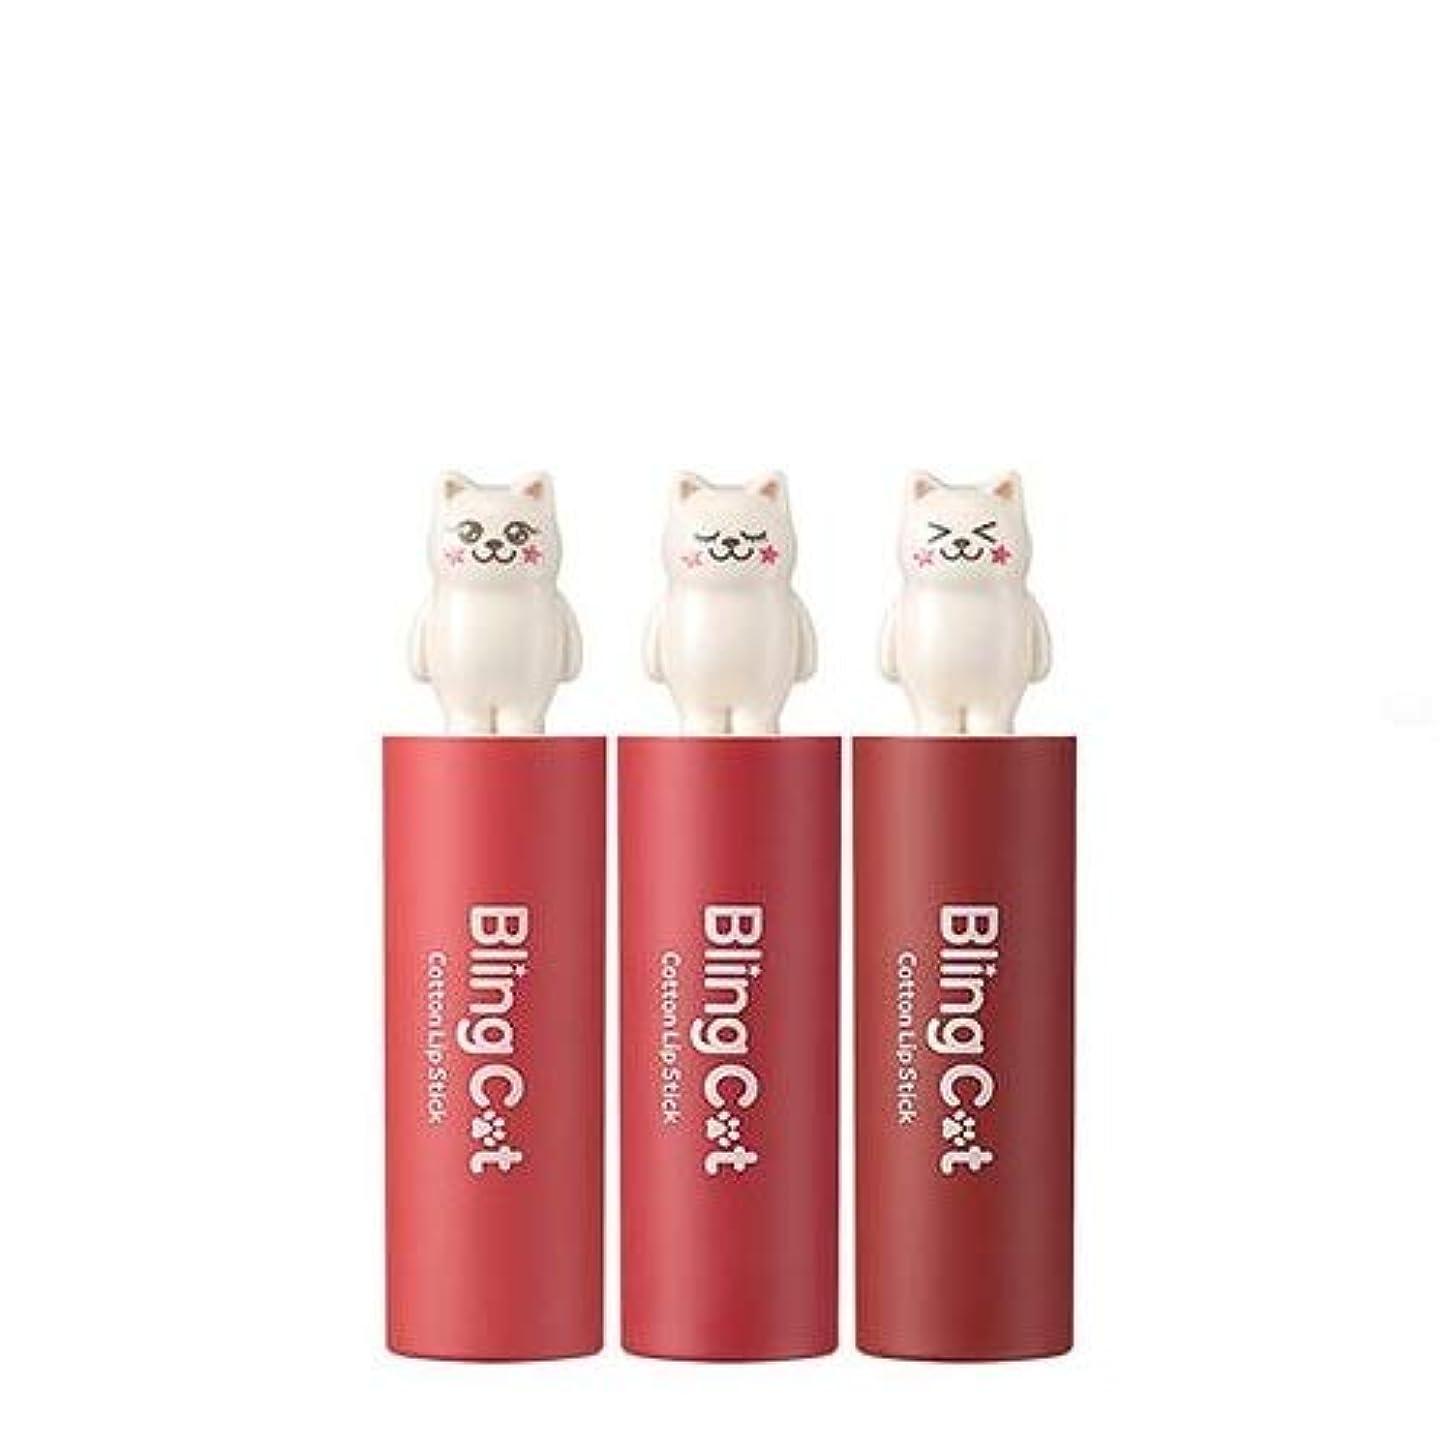 団結ゴムスリチンモイトニーモリー ブリングキャット コットン リップスティック 3.4g / TONYMOLY Bling Cat Cotton Lipstick # 10. Black Tea Plum [並行輸入品]